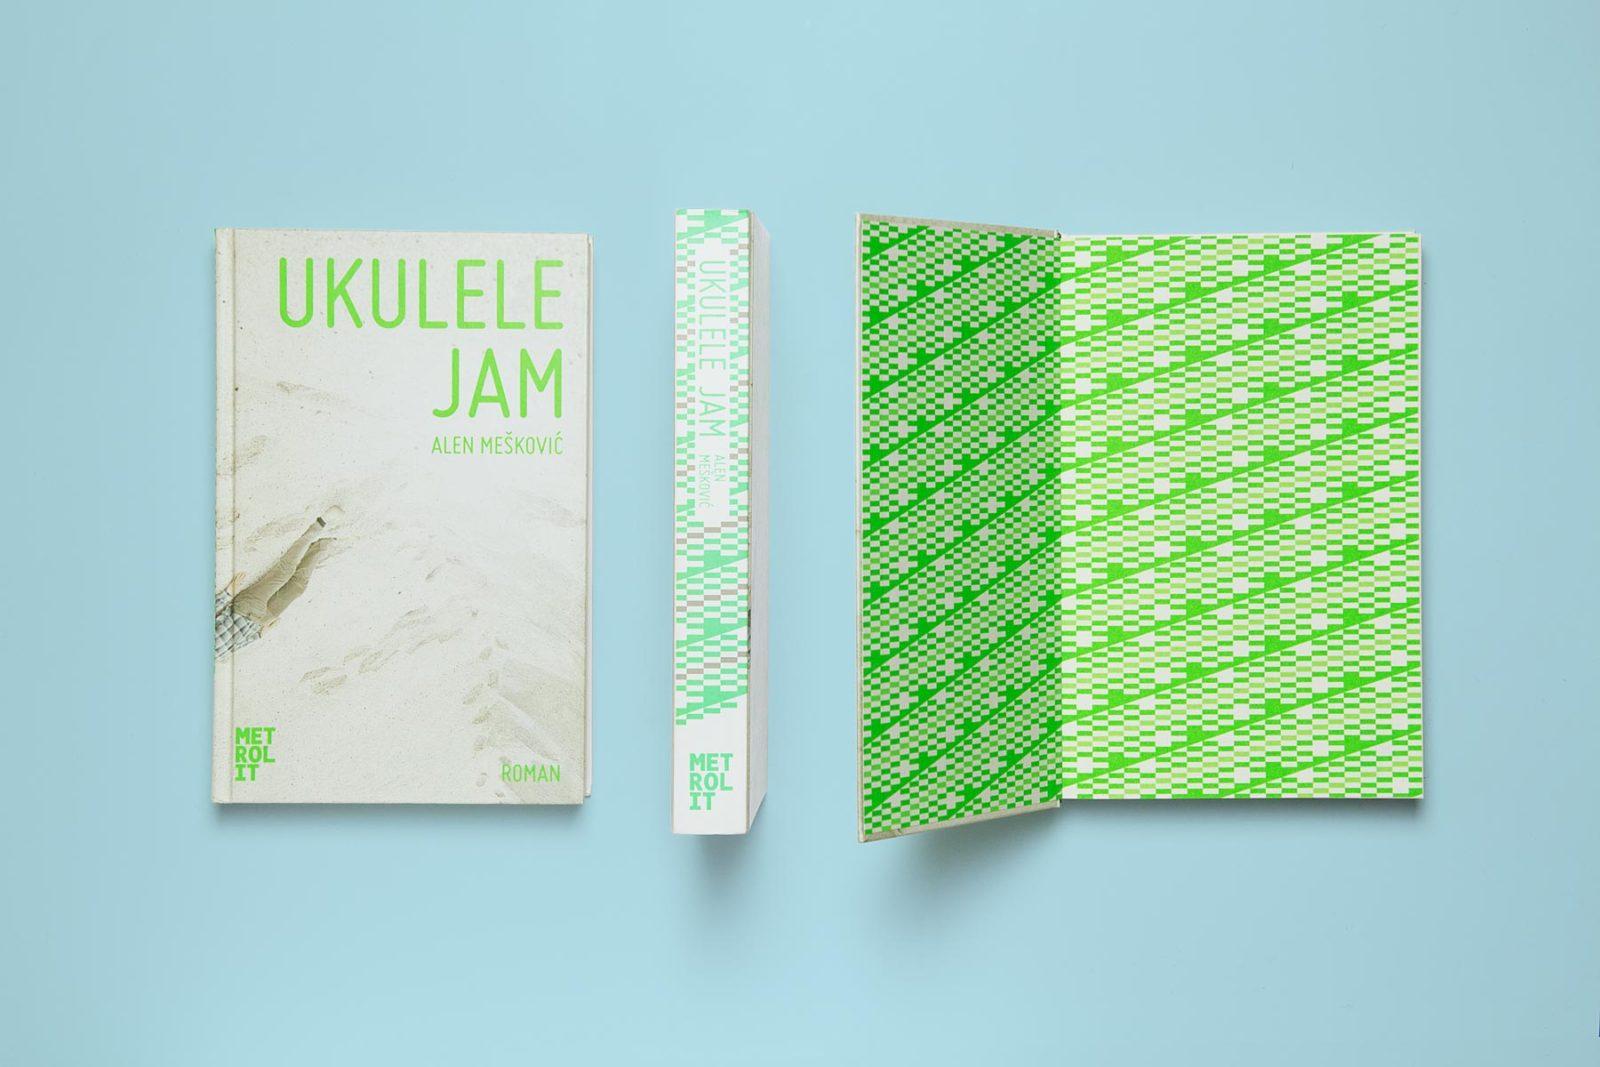 Editienne Grafikdesign - Kommunikationsdesign Berlin- Buchcoverdesign und Buchgestaltung 29